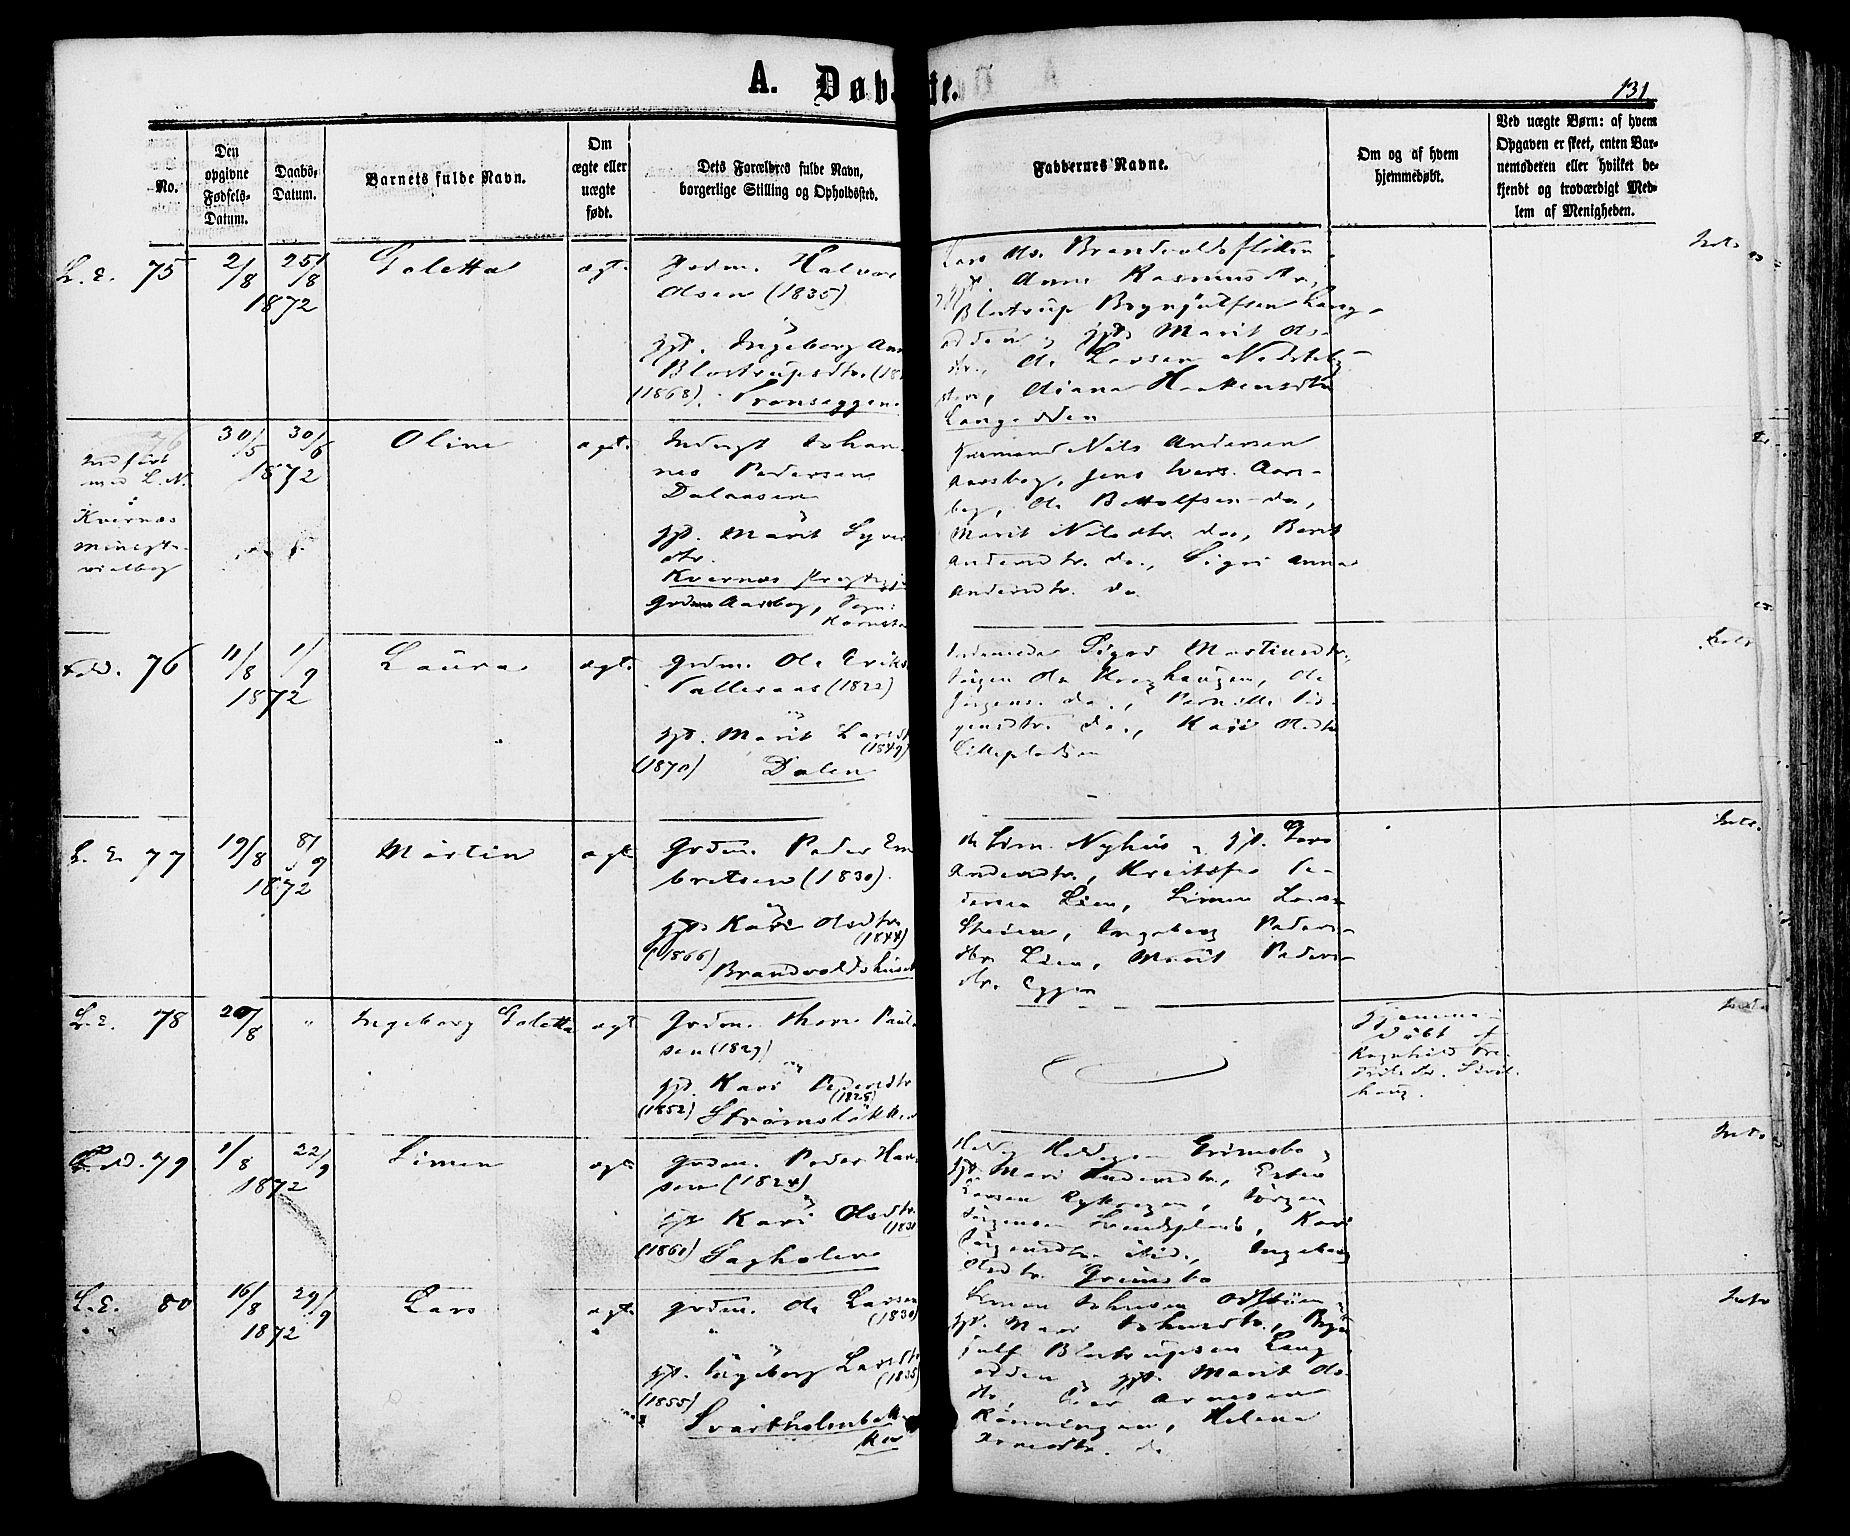 SAH, Alvdal prestekontor, Ministerialbok nr. 1, 1863-1882, s. 131